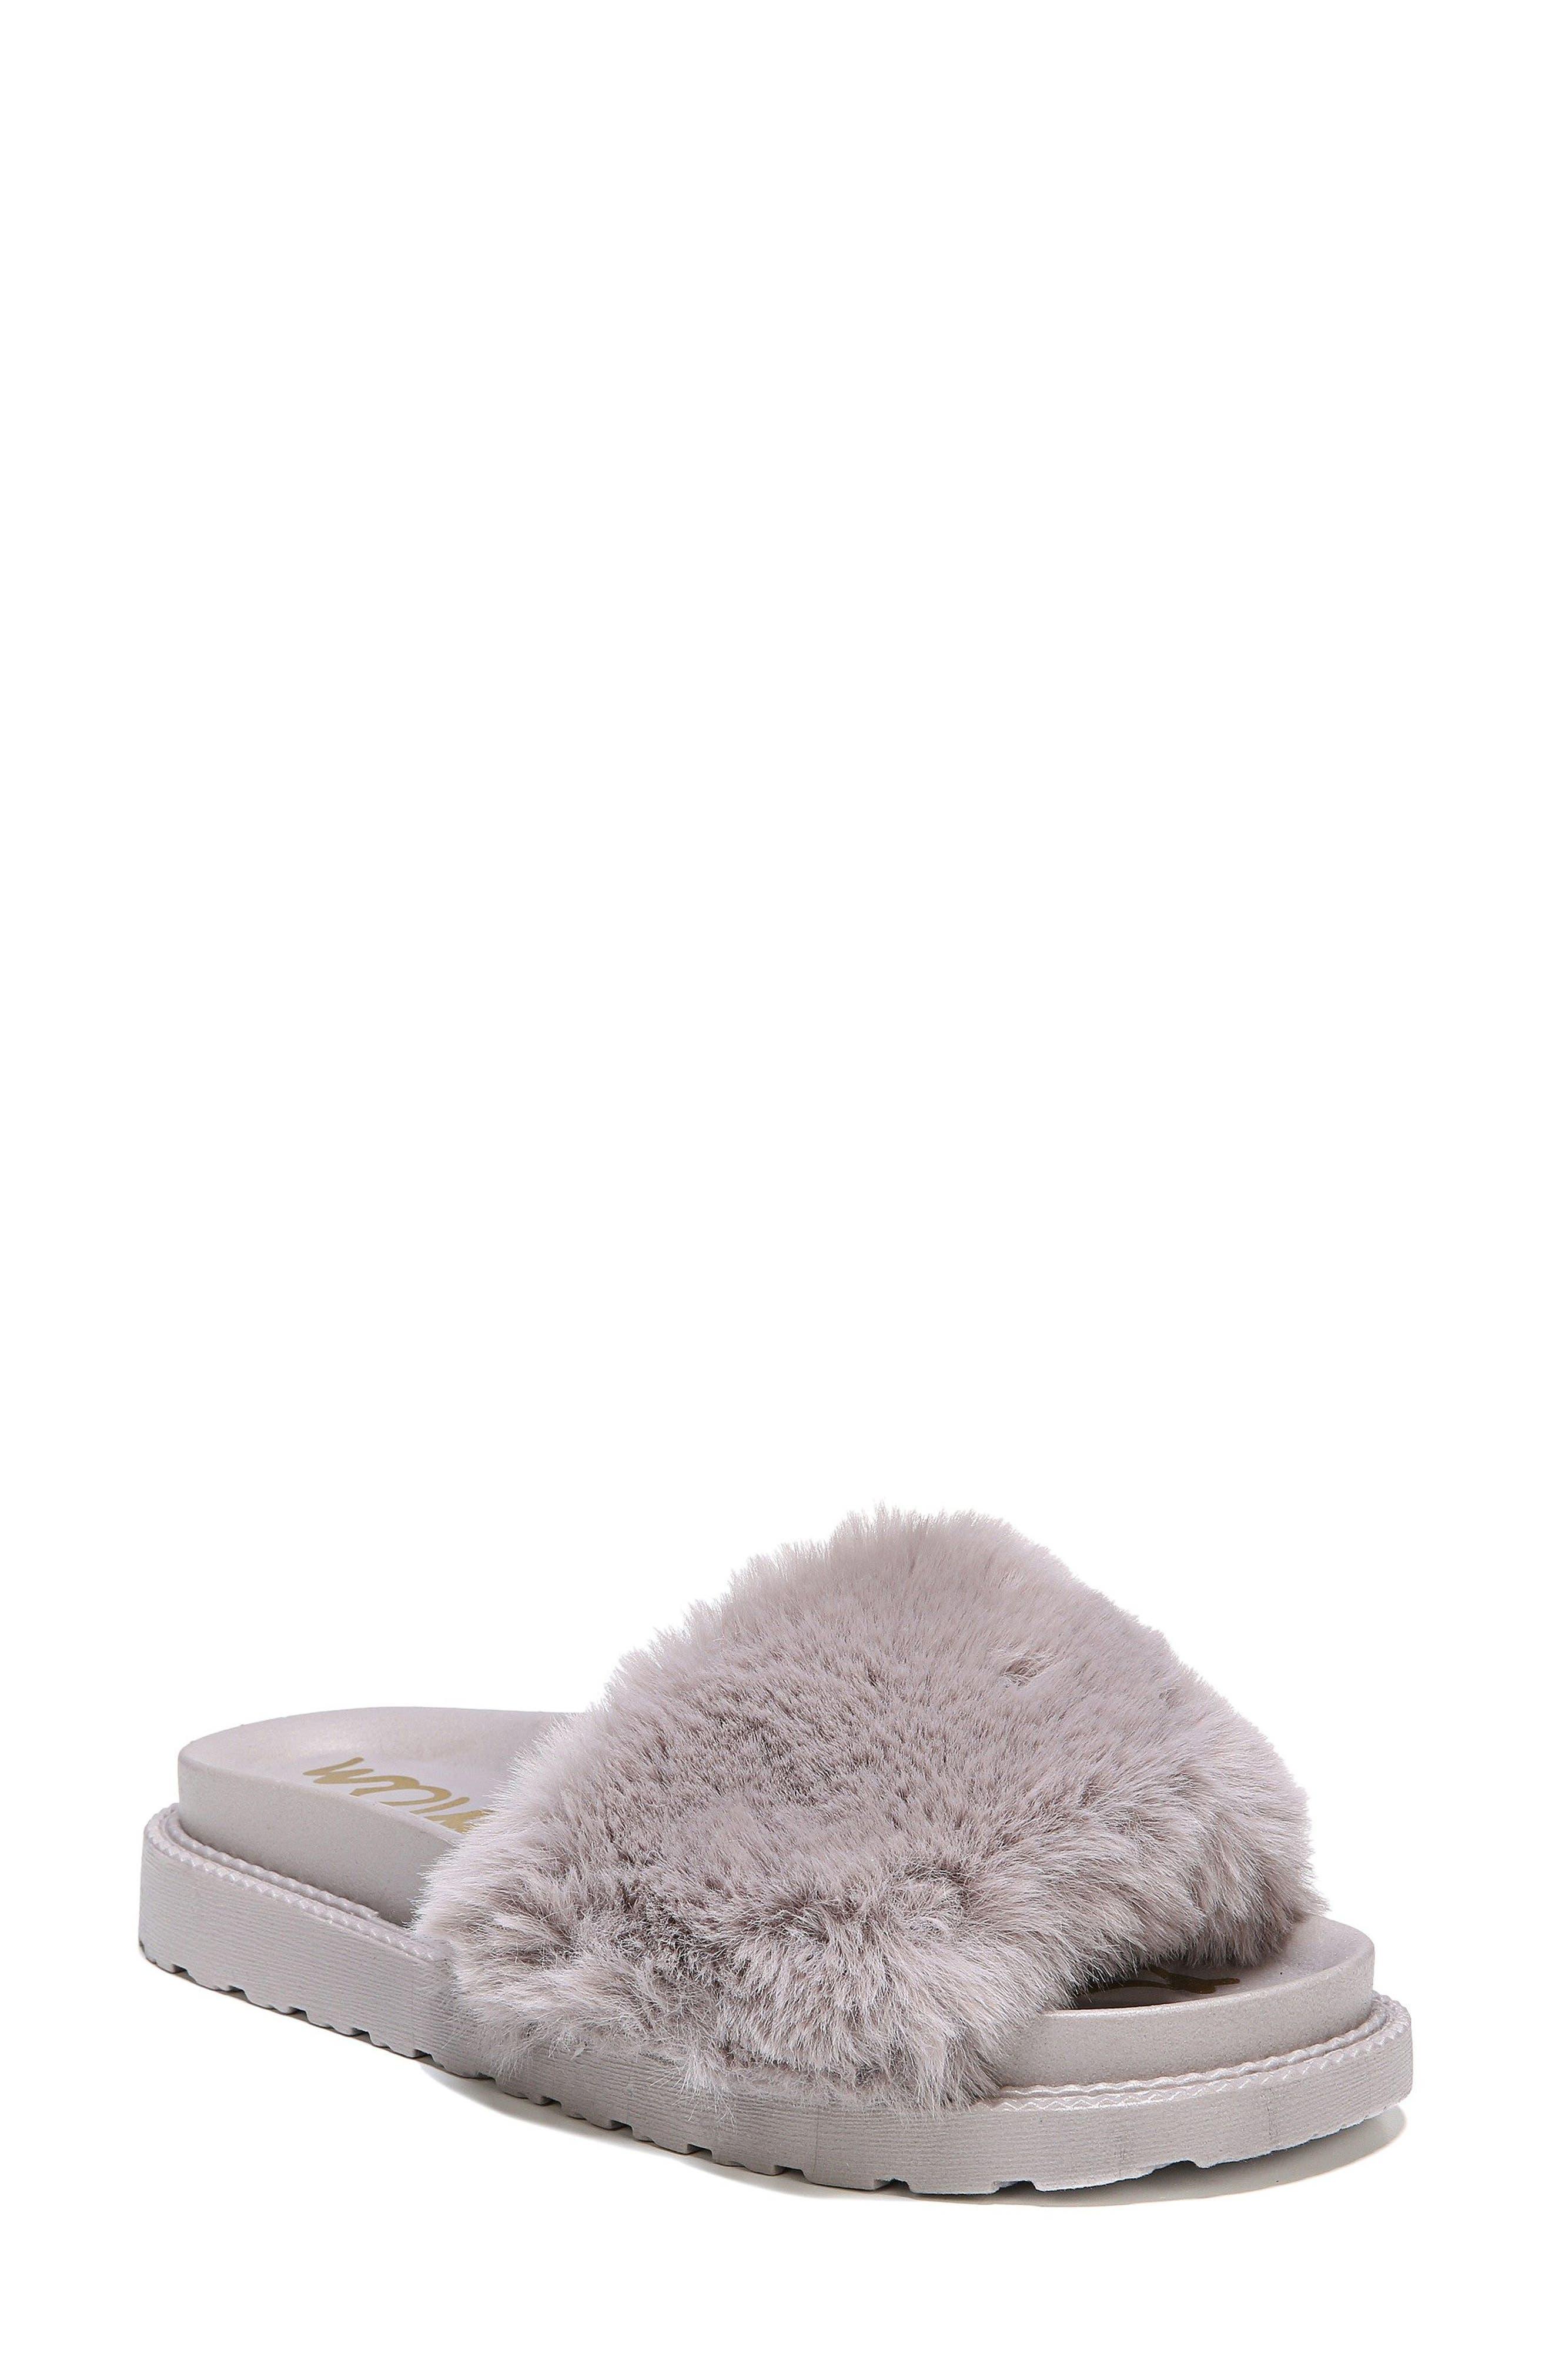 Women's Blaire Slide Sandal